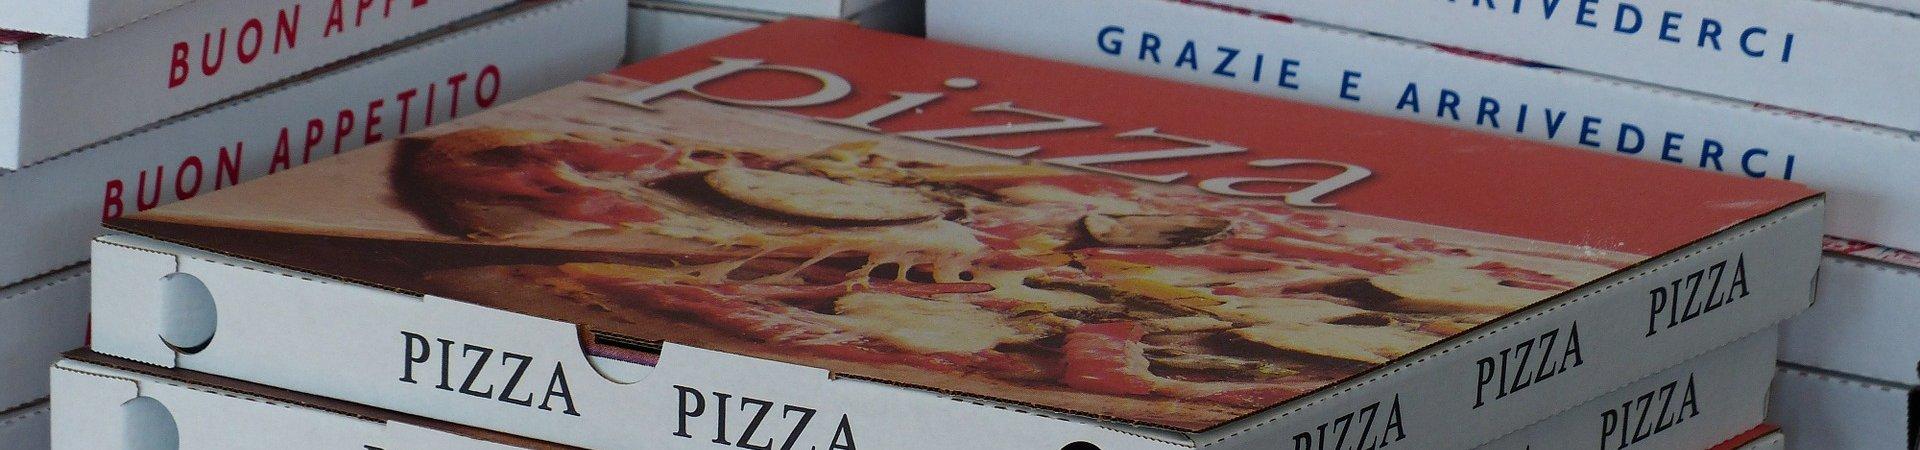 Pizzadozen afhaal- en bezorgrestaurant. Foto: Hans Braxmeier Pixabay